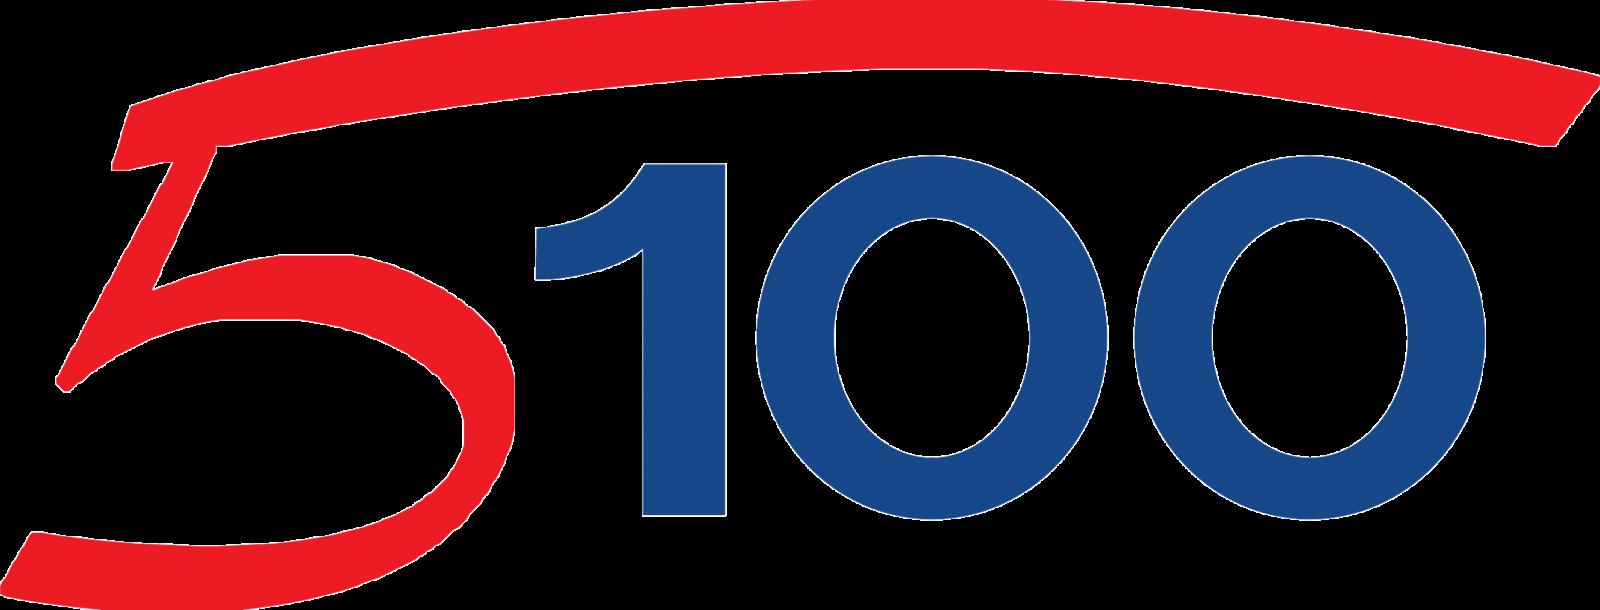 Проект 5-100